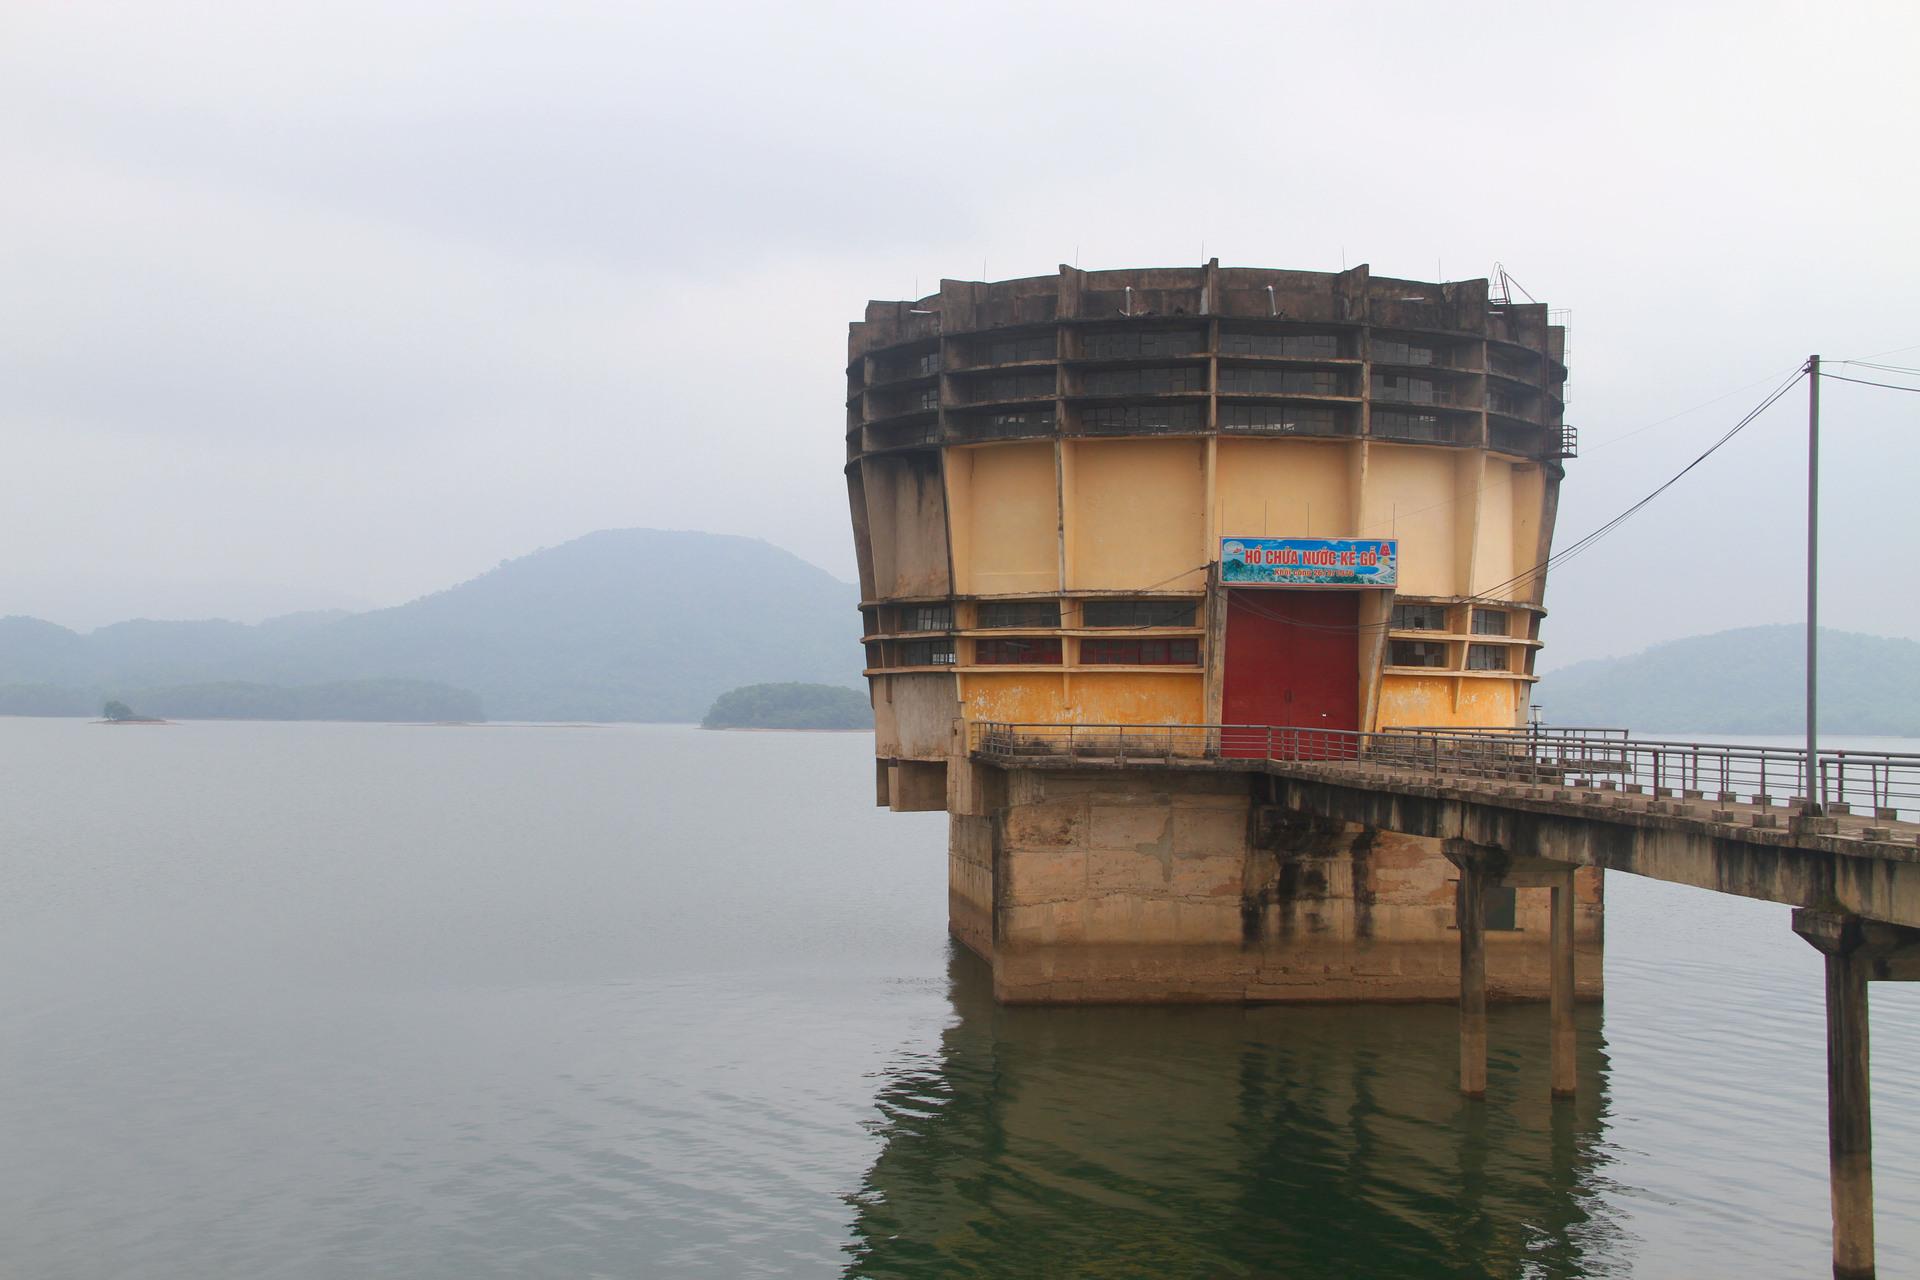 3 năm 'phá đá, đào sỏi' xây hồ Kẻ Gỗ Ho-ke-go-4_1494082330_VnEx